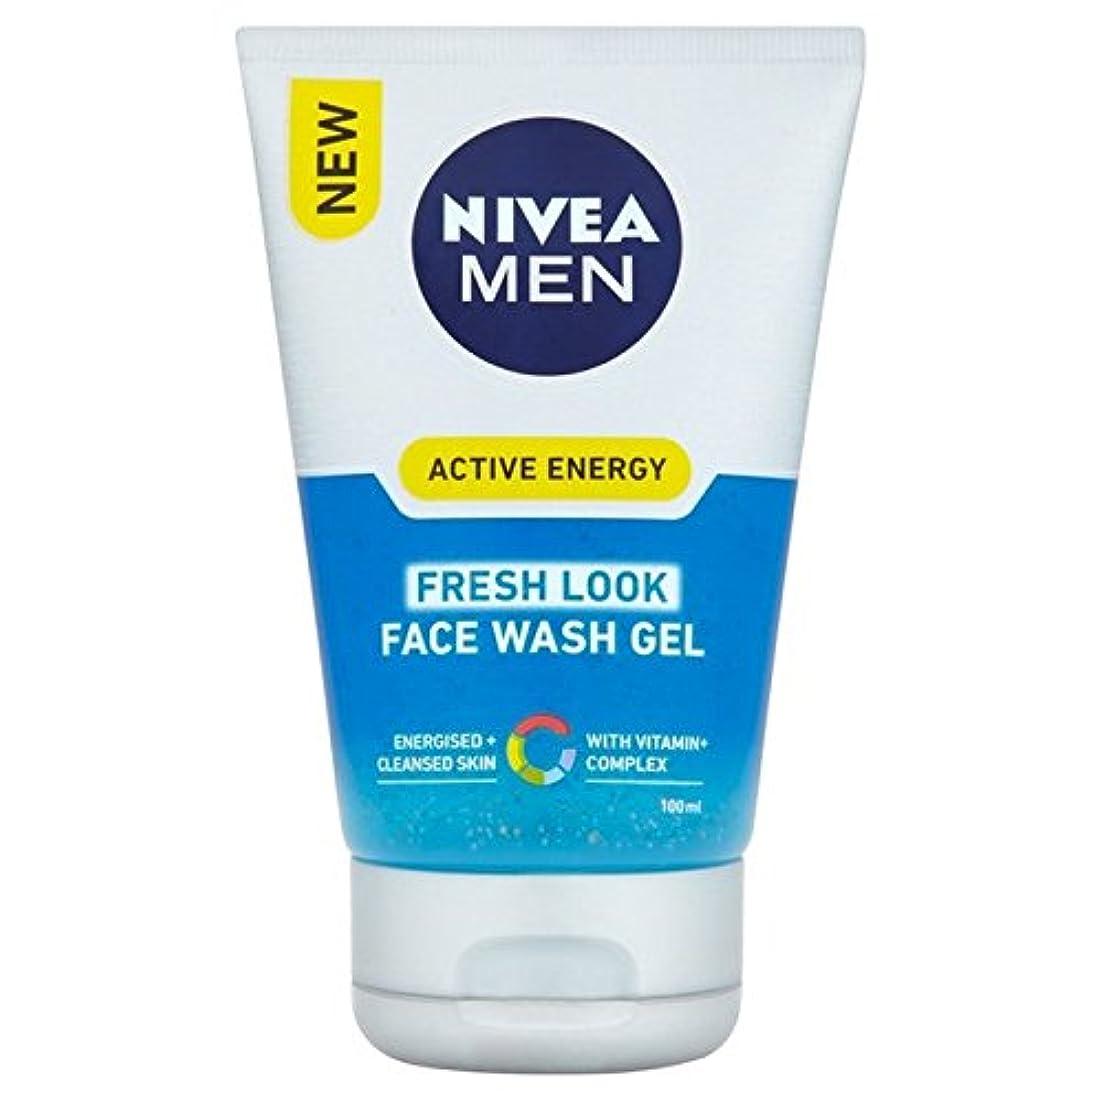 上院議員アデレードくびれたニベア男性10フェイスウォッシュ100ミリリットル x2 - Nivea Men Q10 Face Wash 100ml (Pack of 2) [並行輸入品]